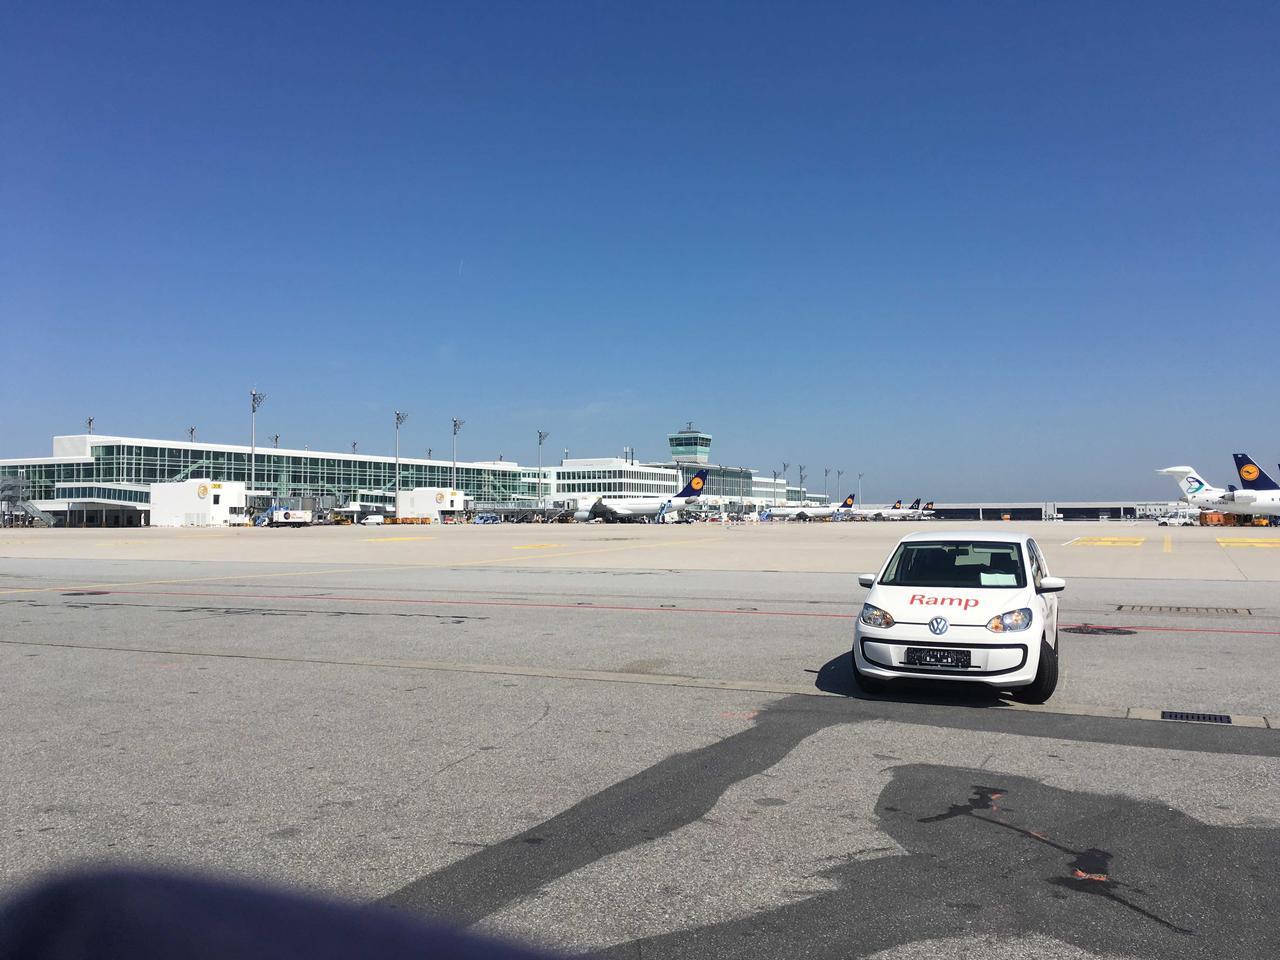 画像: 長期テストレポート第21回にドイツの空港で活躍するアップ!について記したが、再び機会があったので、今回はミュンヘン空港でその清々しい姿を撮影してきた。ボンネットには「Ramp(ランプ)」とあるので駐機関連の担当サービス車のようだ。駐車時にハンドルを切った状態にしておくのは安全上のレギュレーションだろう。